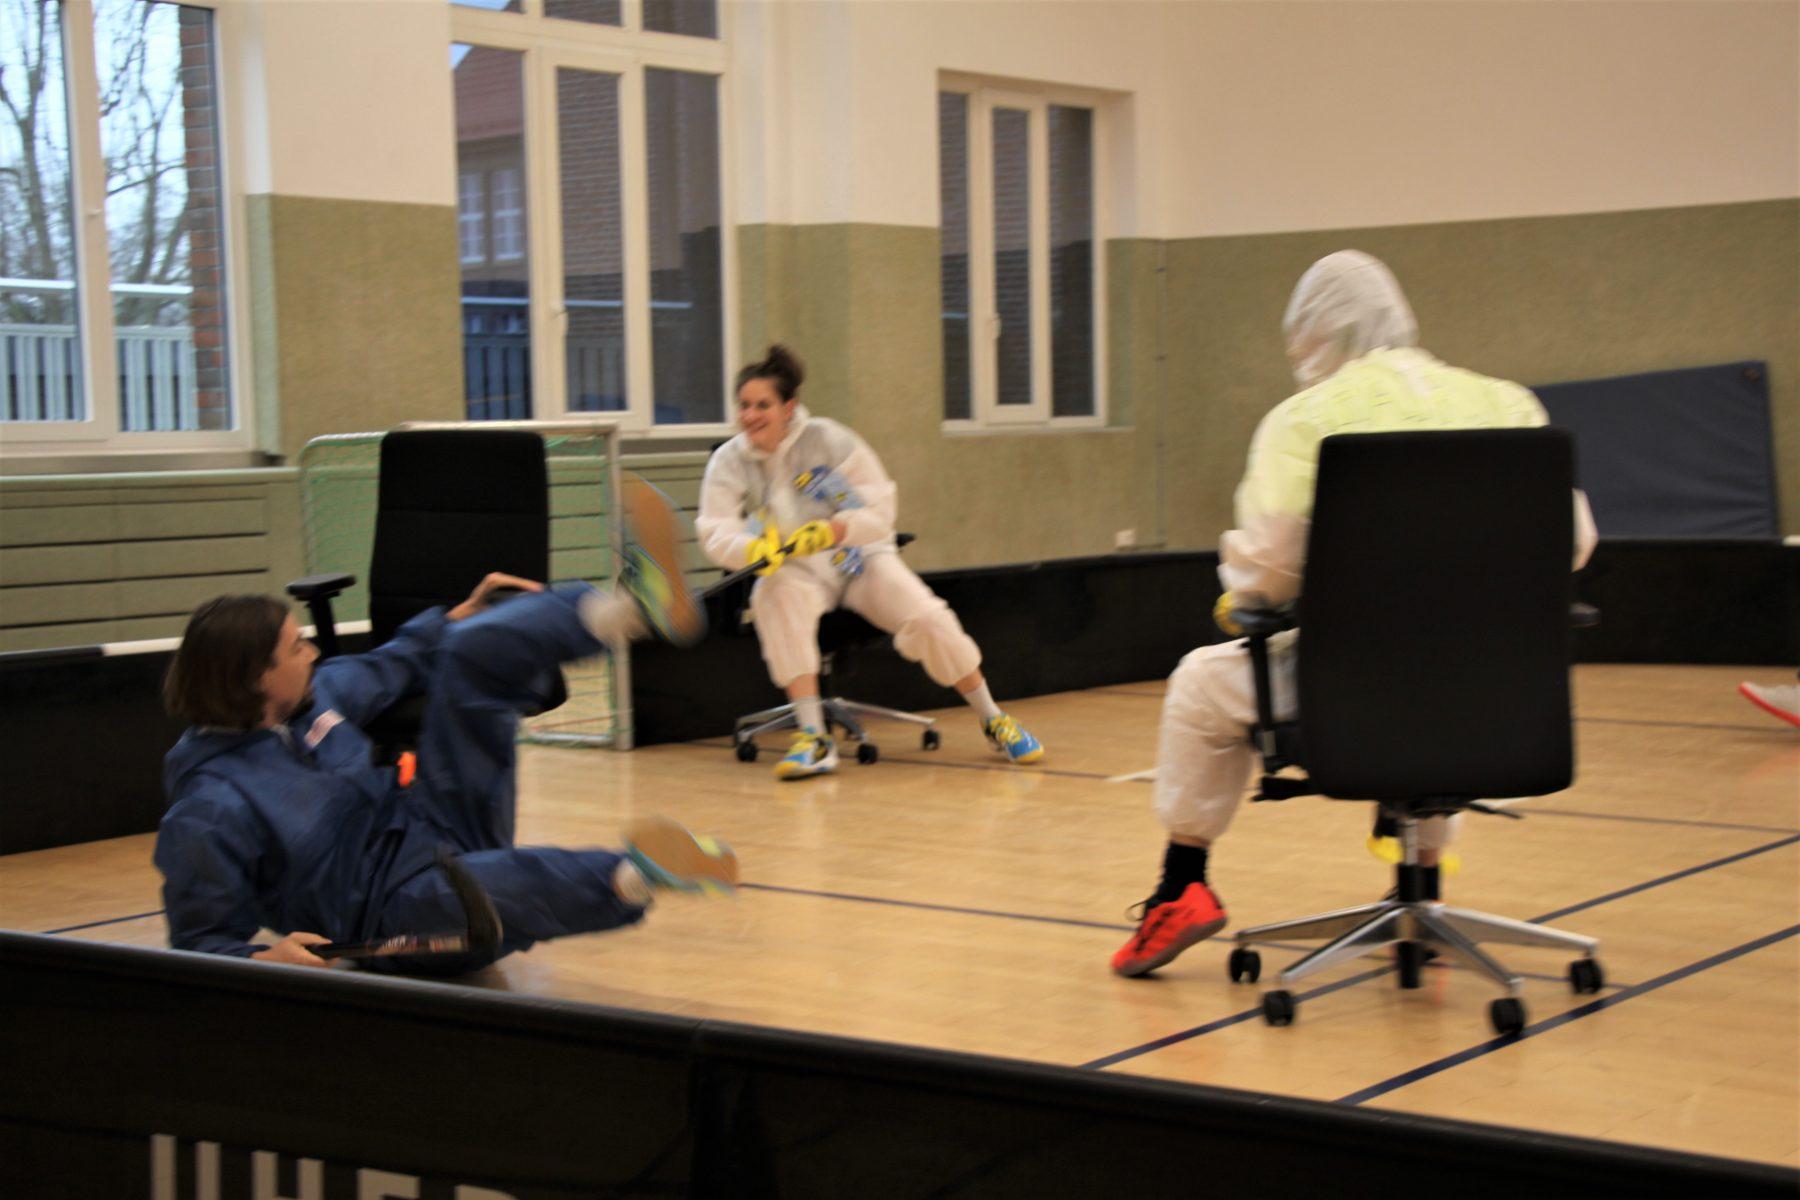 Mit vollem Einsatz beim Chairhockey Turnier. Foto: Sophia Kleiner